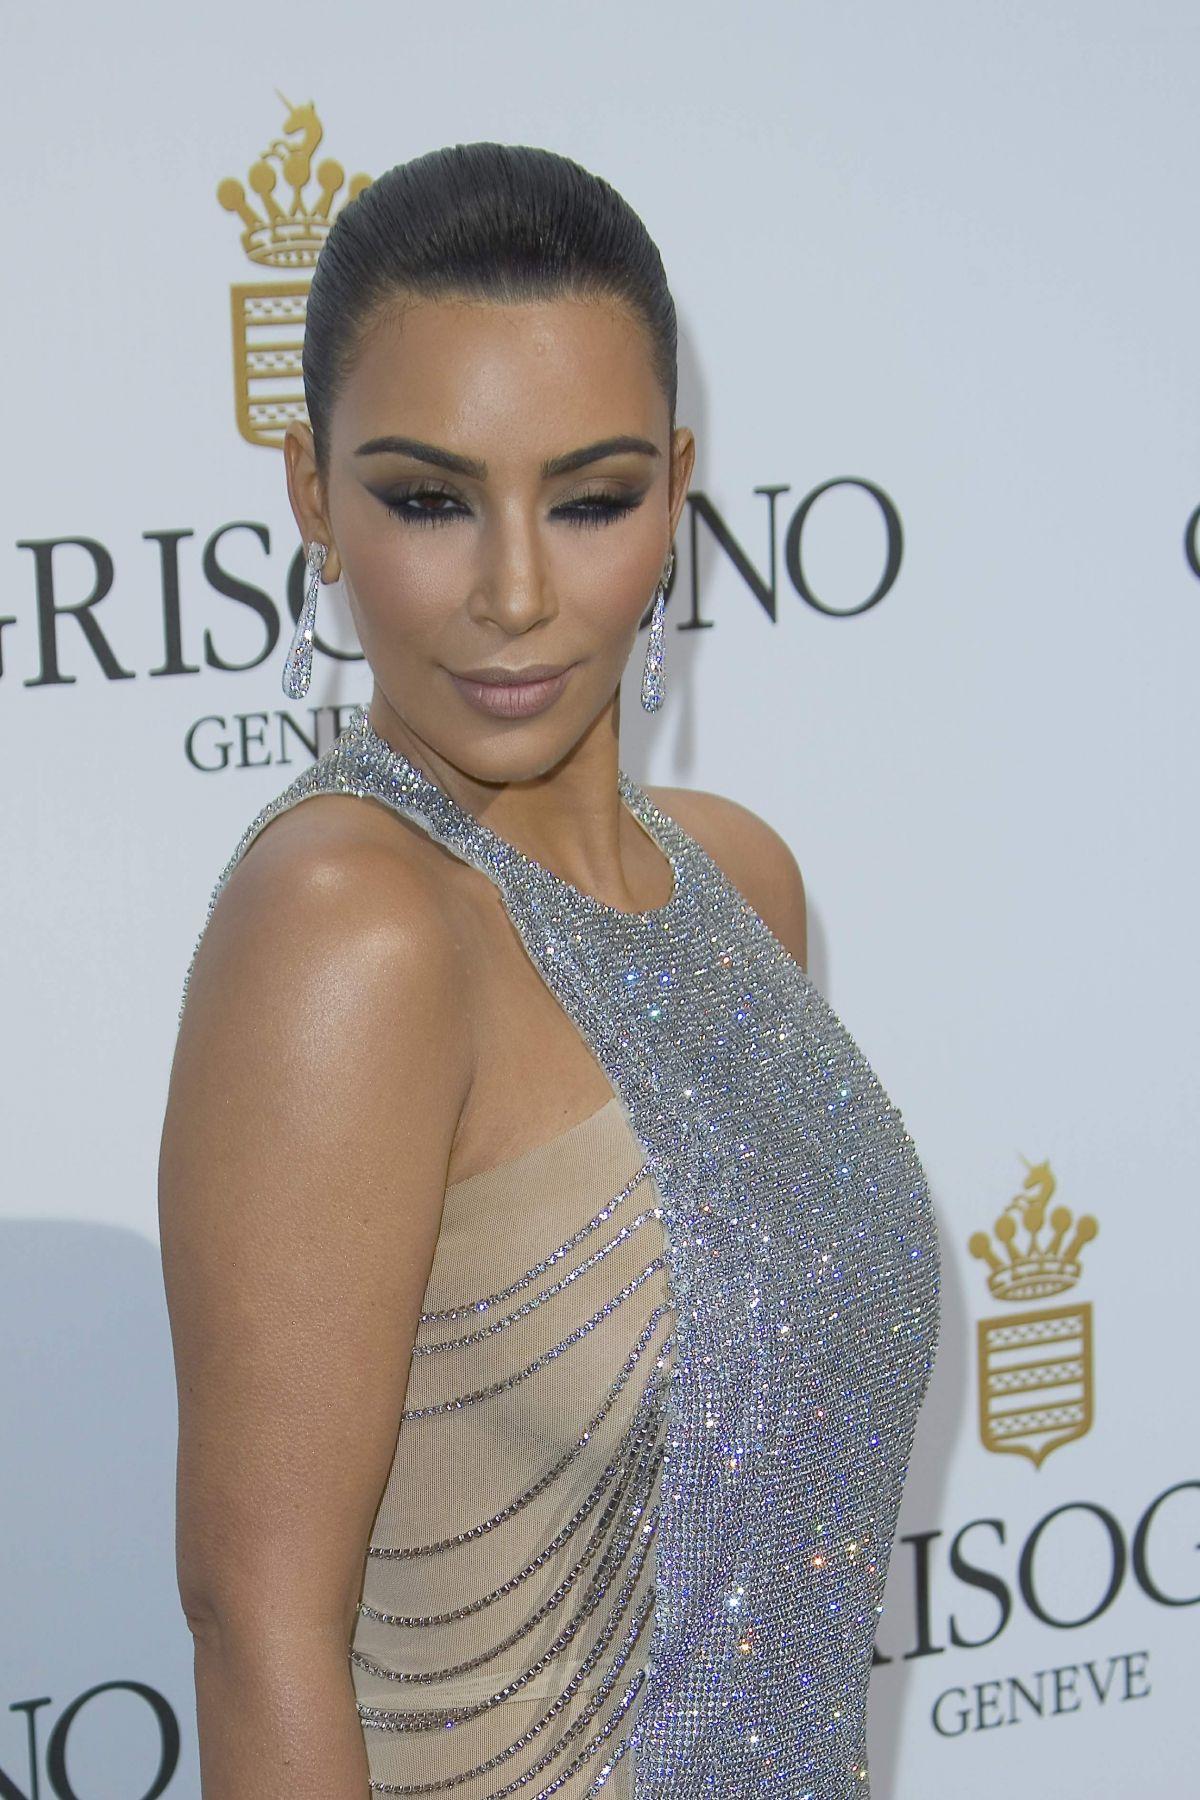 KIM KARDASHIAN at De Grisogono Party at Cannes Film ... Kim Kardashian